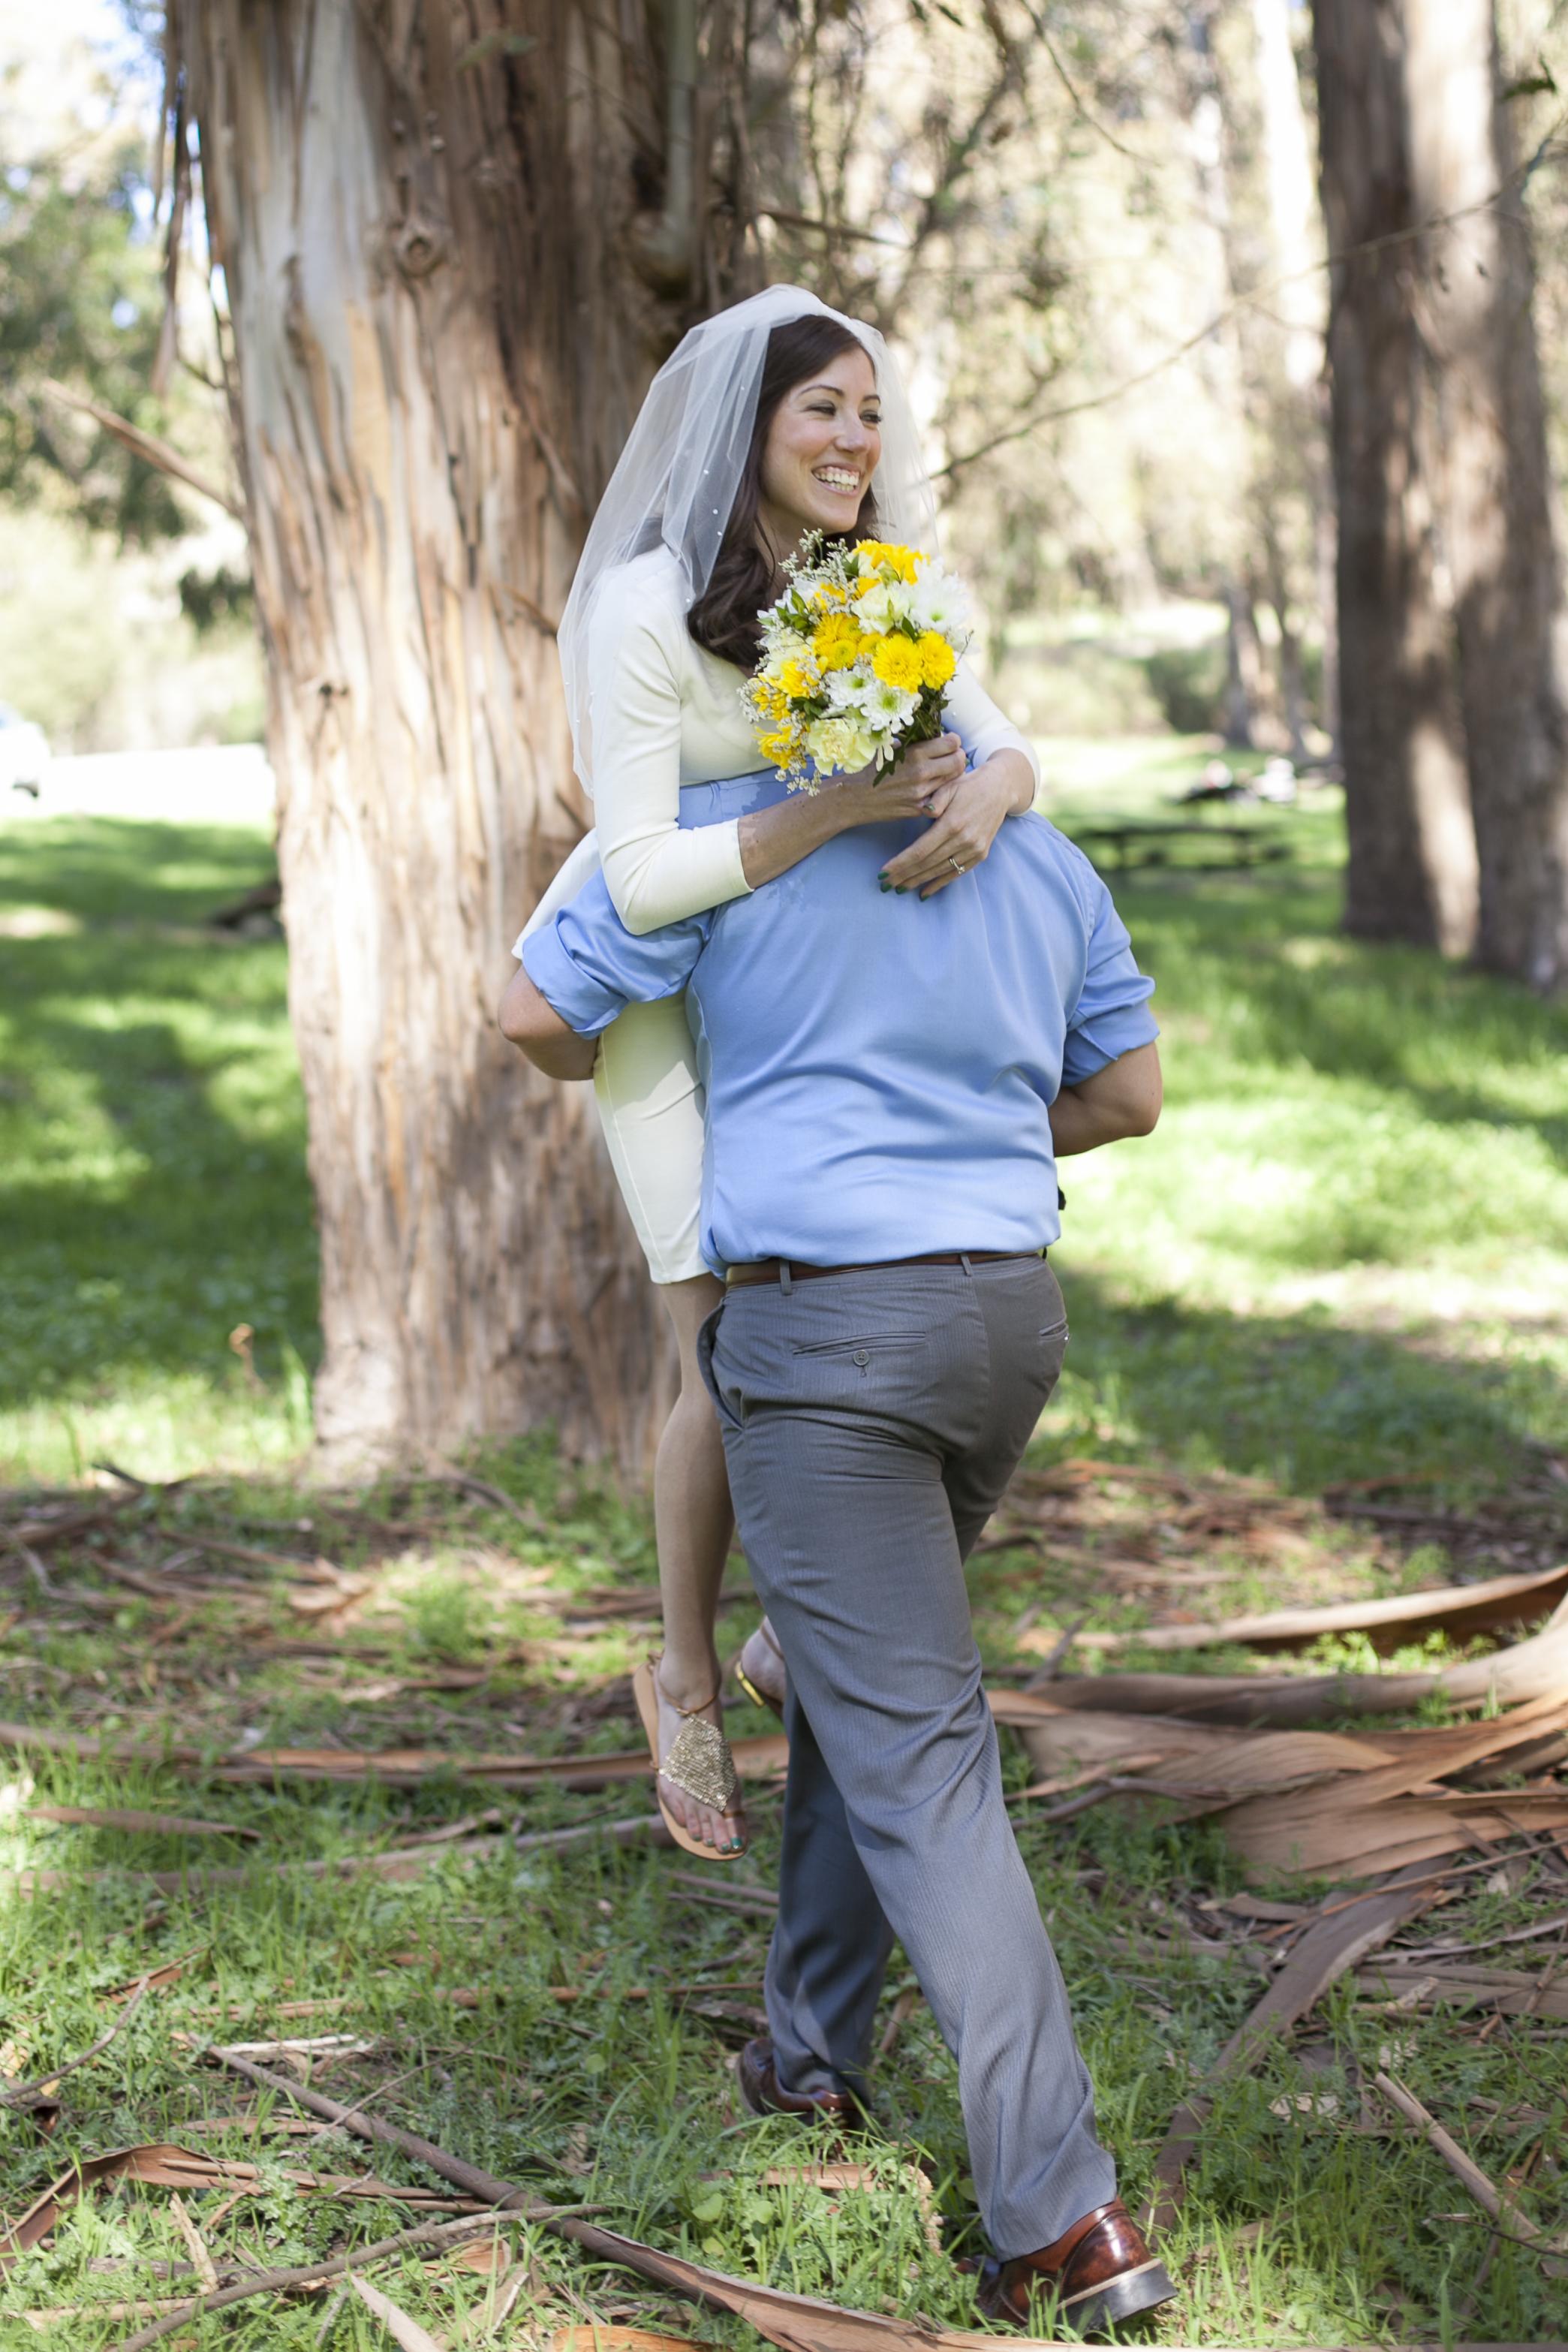 Tilden Park Berkeley Wedding Photographer-Meo Baaklini033.jpg